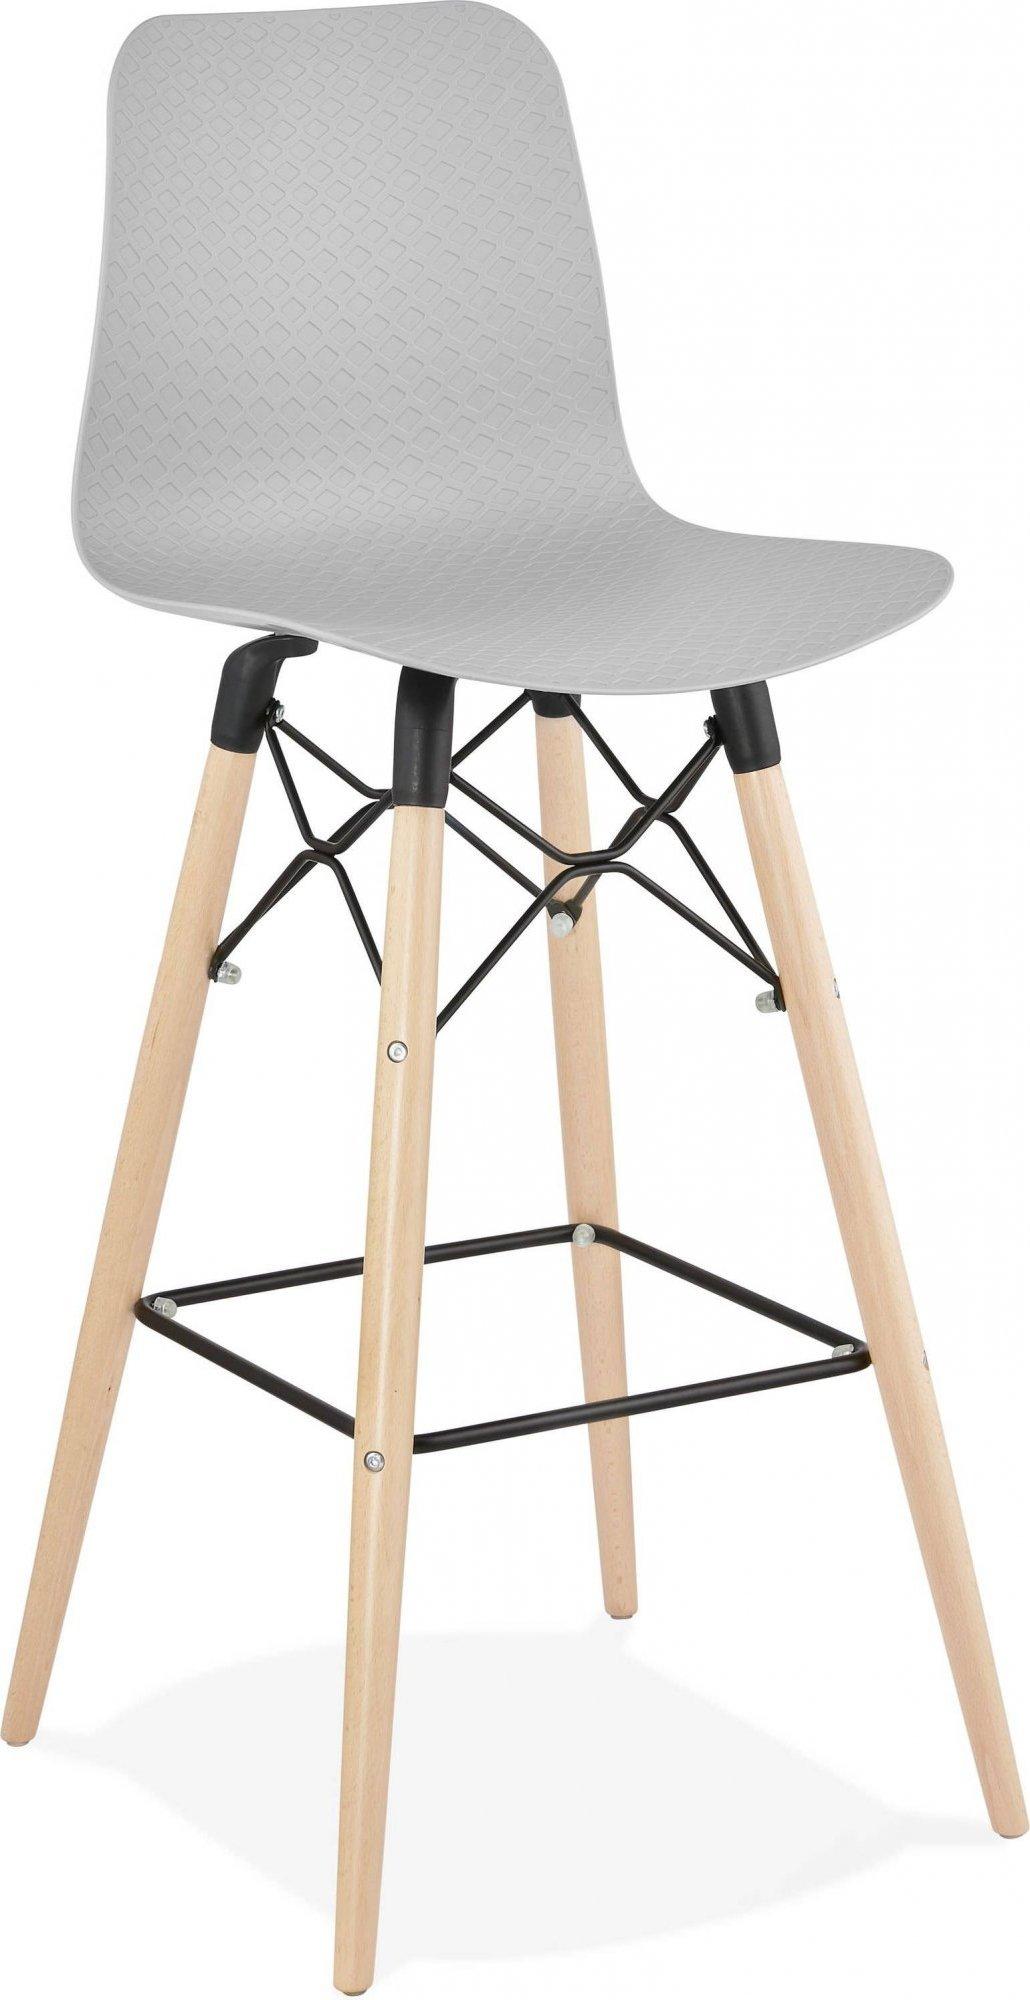 Tabouret de bar gris et bois naturel h112cm